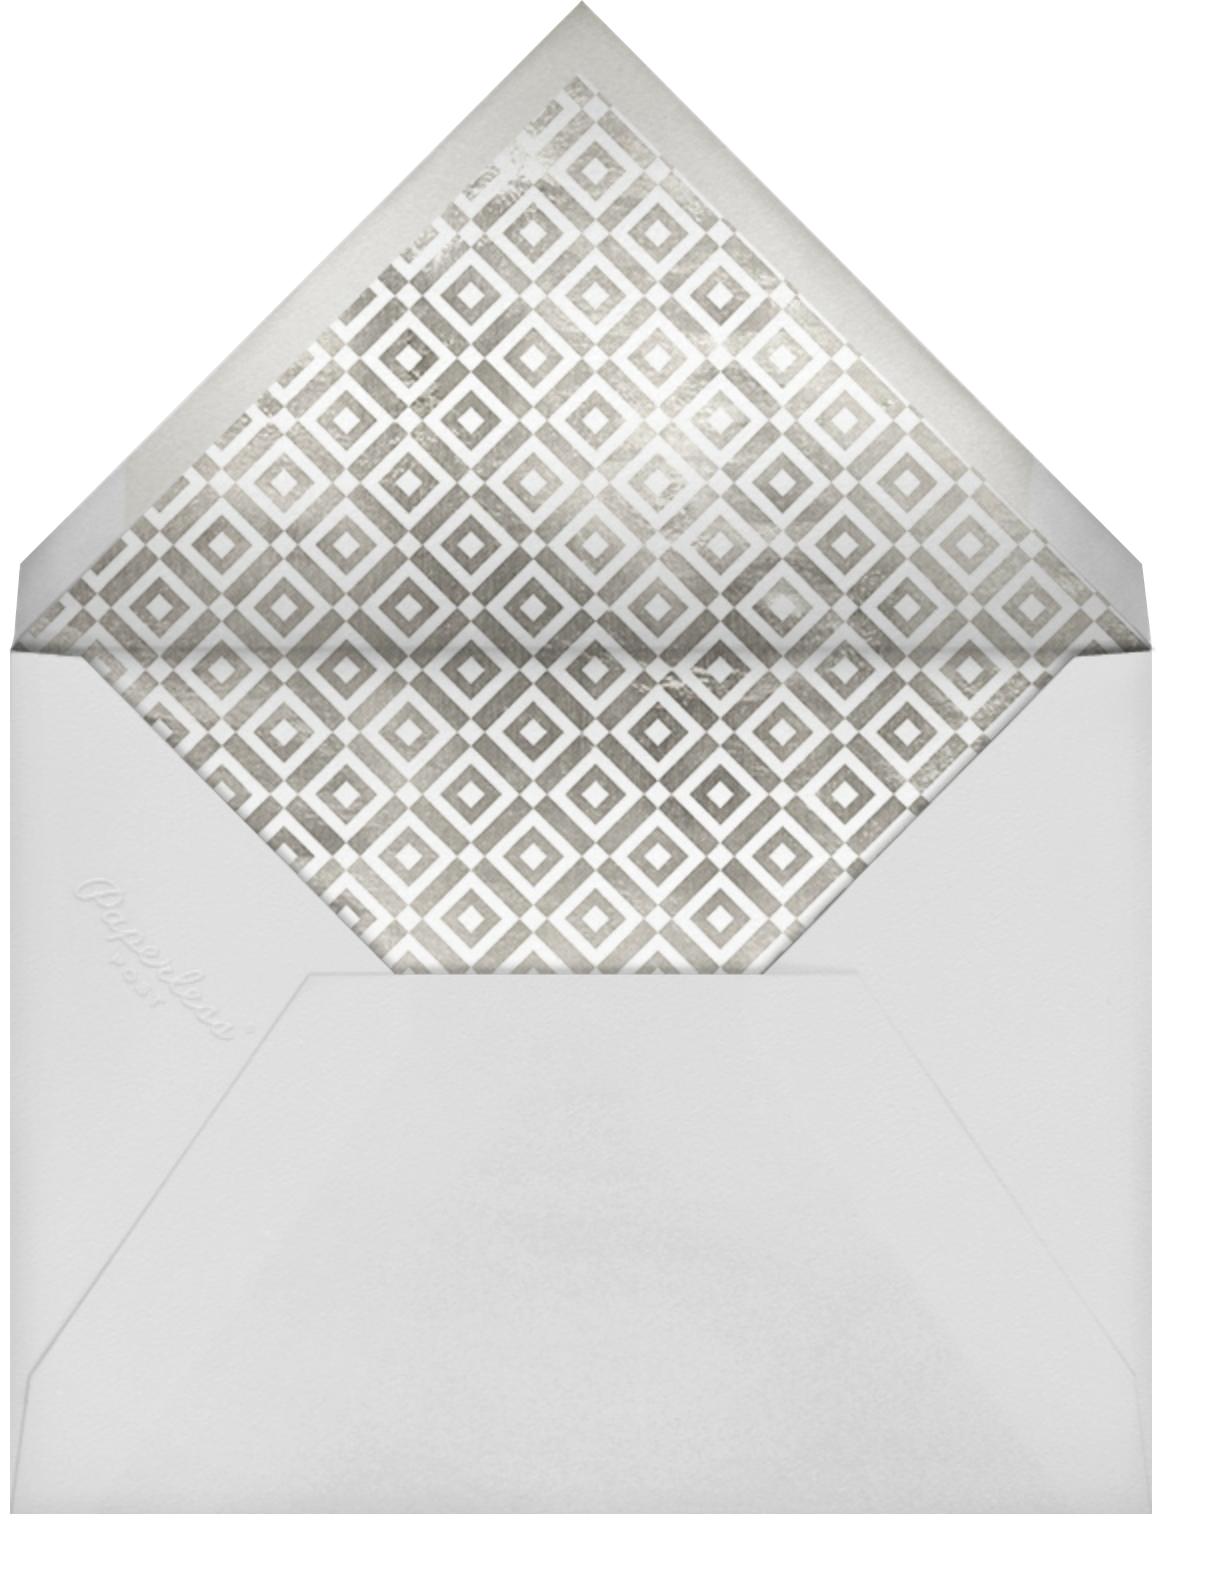 Melrose - Blue - Jonathan Adler - Dinner party - envelope back